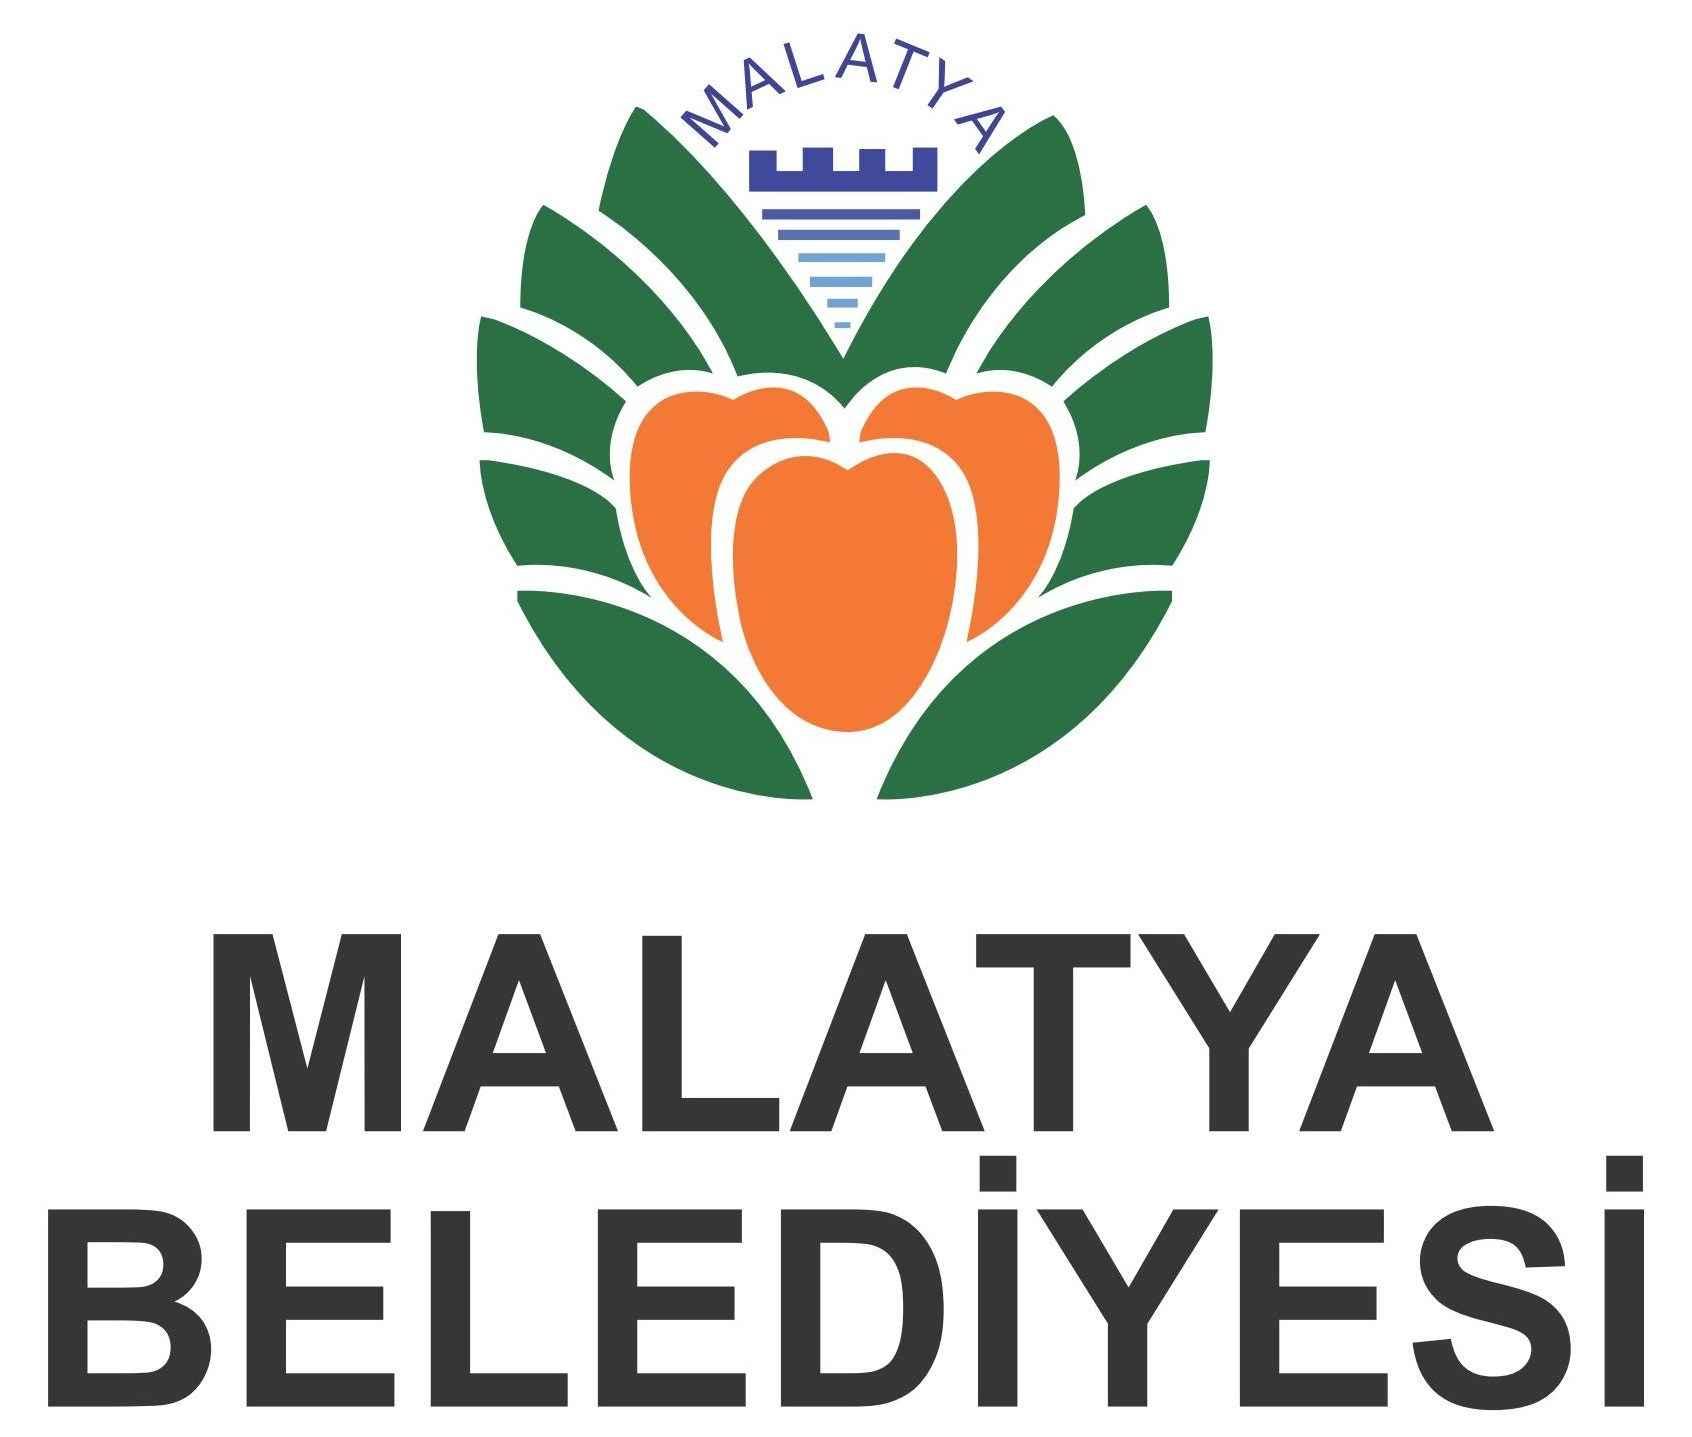 malatya-belediyesi-logo